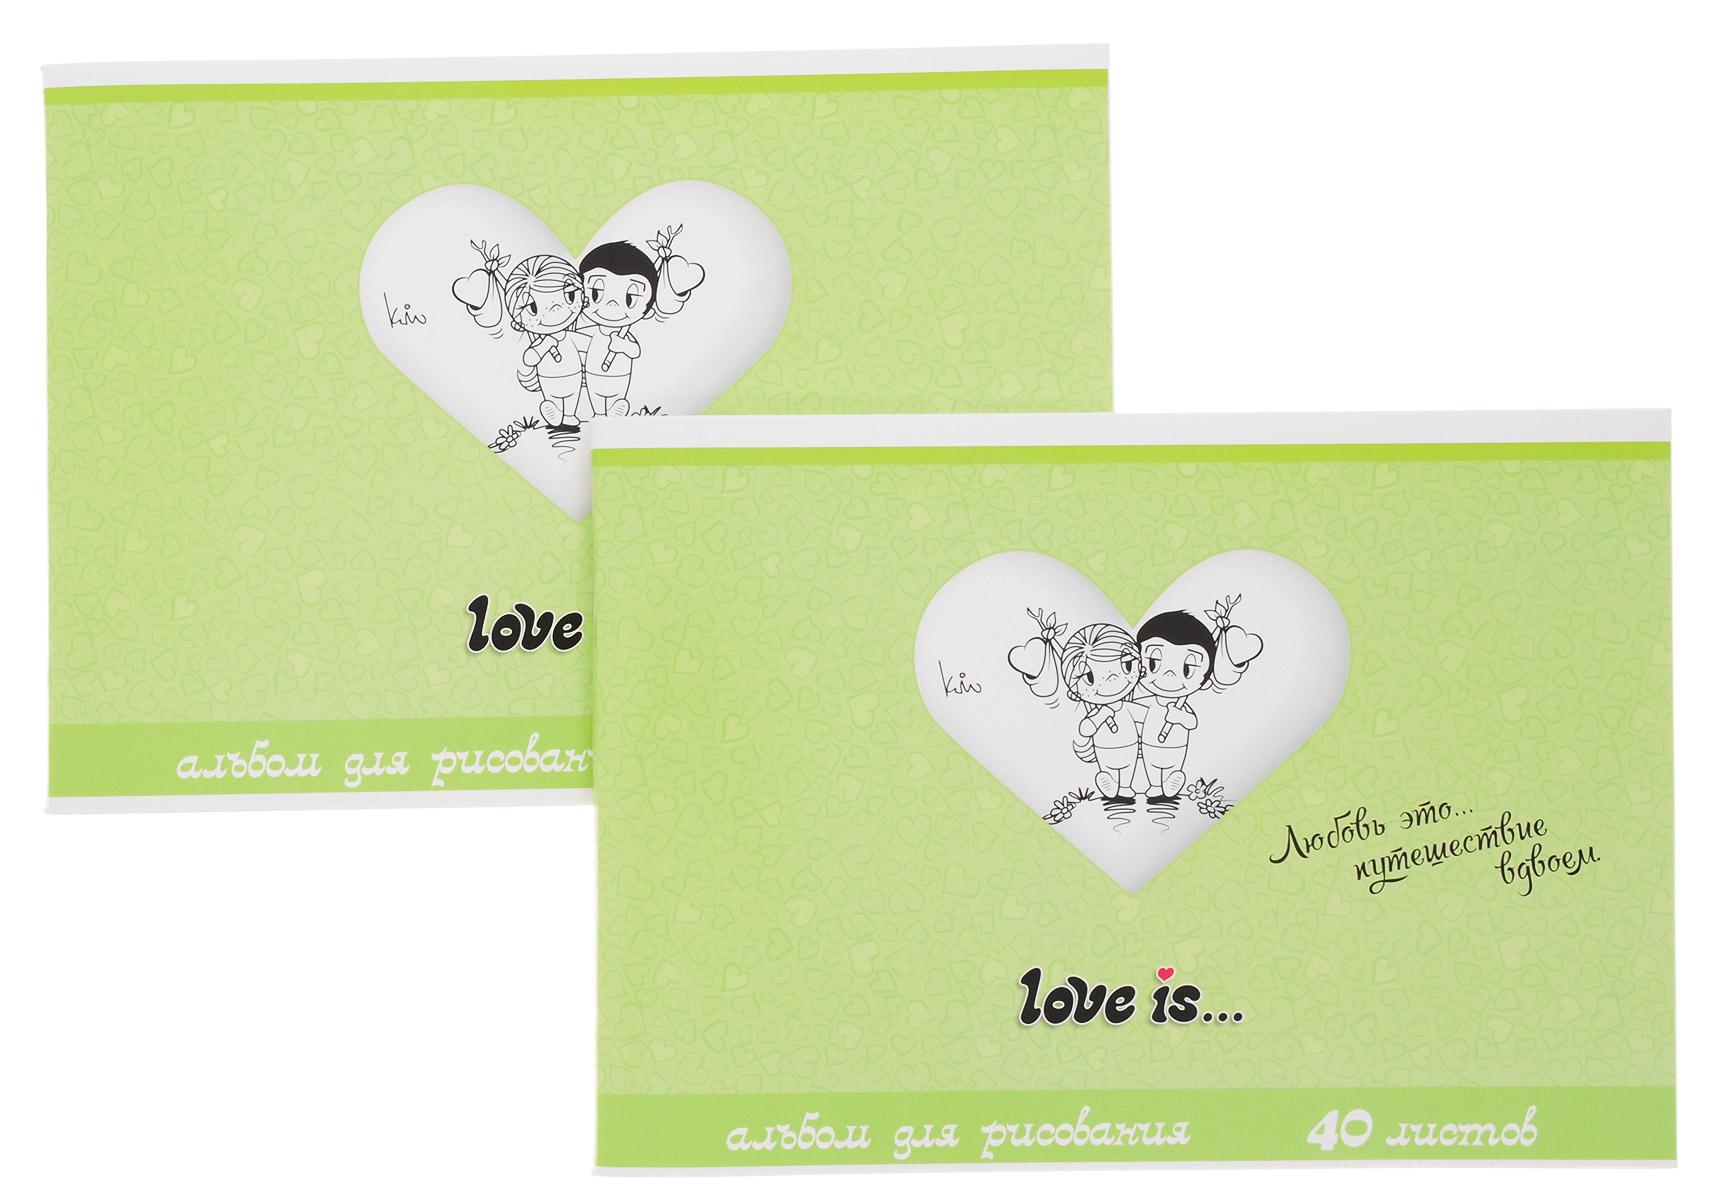 Action! Альбом для рисования Love is... 40 листов цвет салатовый 2 штLI-AA-40_салатовыйАльбом для рисования Action! Love is... порадует маленького художника и вдохновит его на творчество. Альбом изготовлен из белой бумаги с яркой обложкой из высококачественного картона, оформленной изображением влюбленной пары. Высокое качество бумаги позволяет рисовать в альбоме карандашами, фломастерами, акварельными и гуашевыми красками. Внутренний блок альбома состоит из 40 листов белой бумаги, соединенных двумя металлическими скрепками. В наборе два альбома.